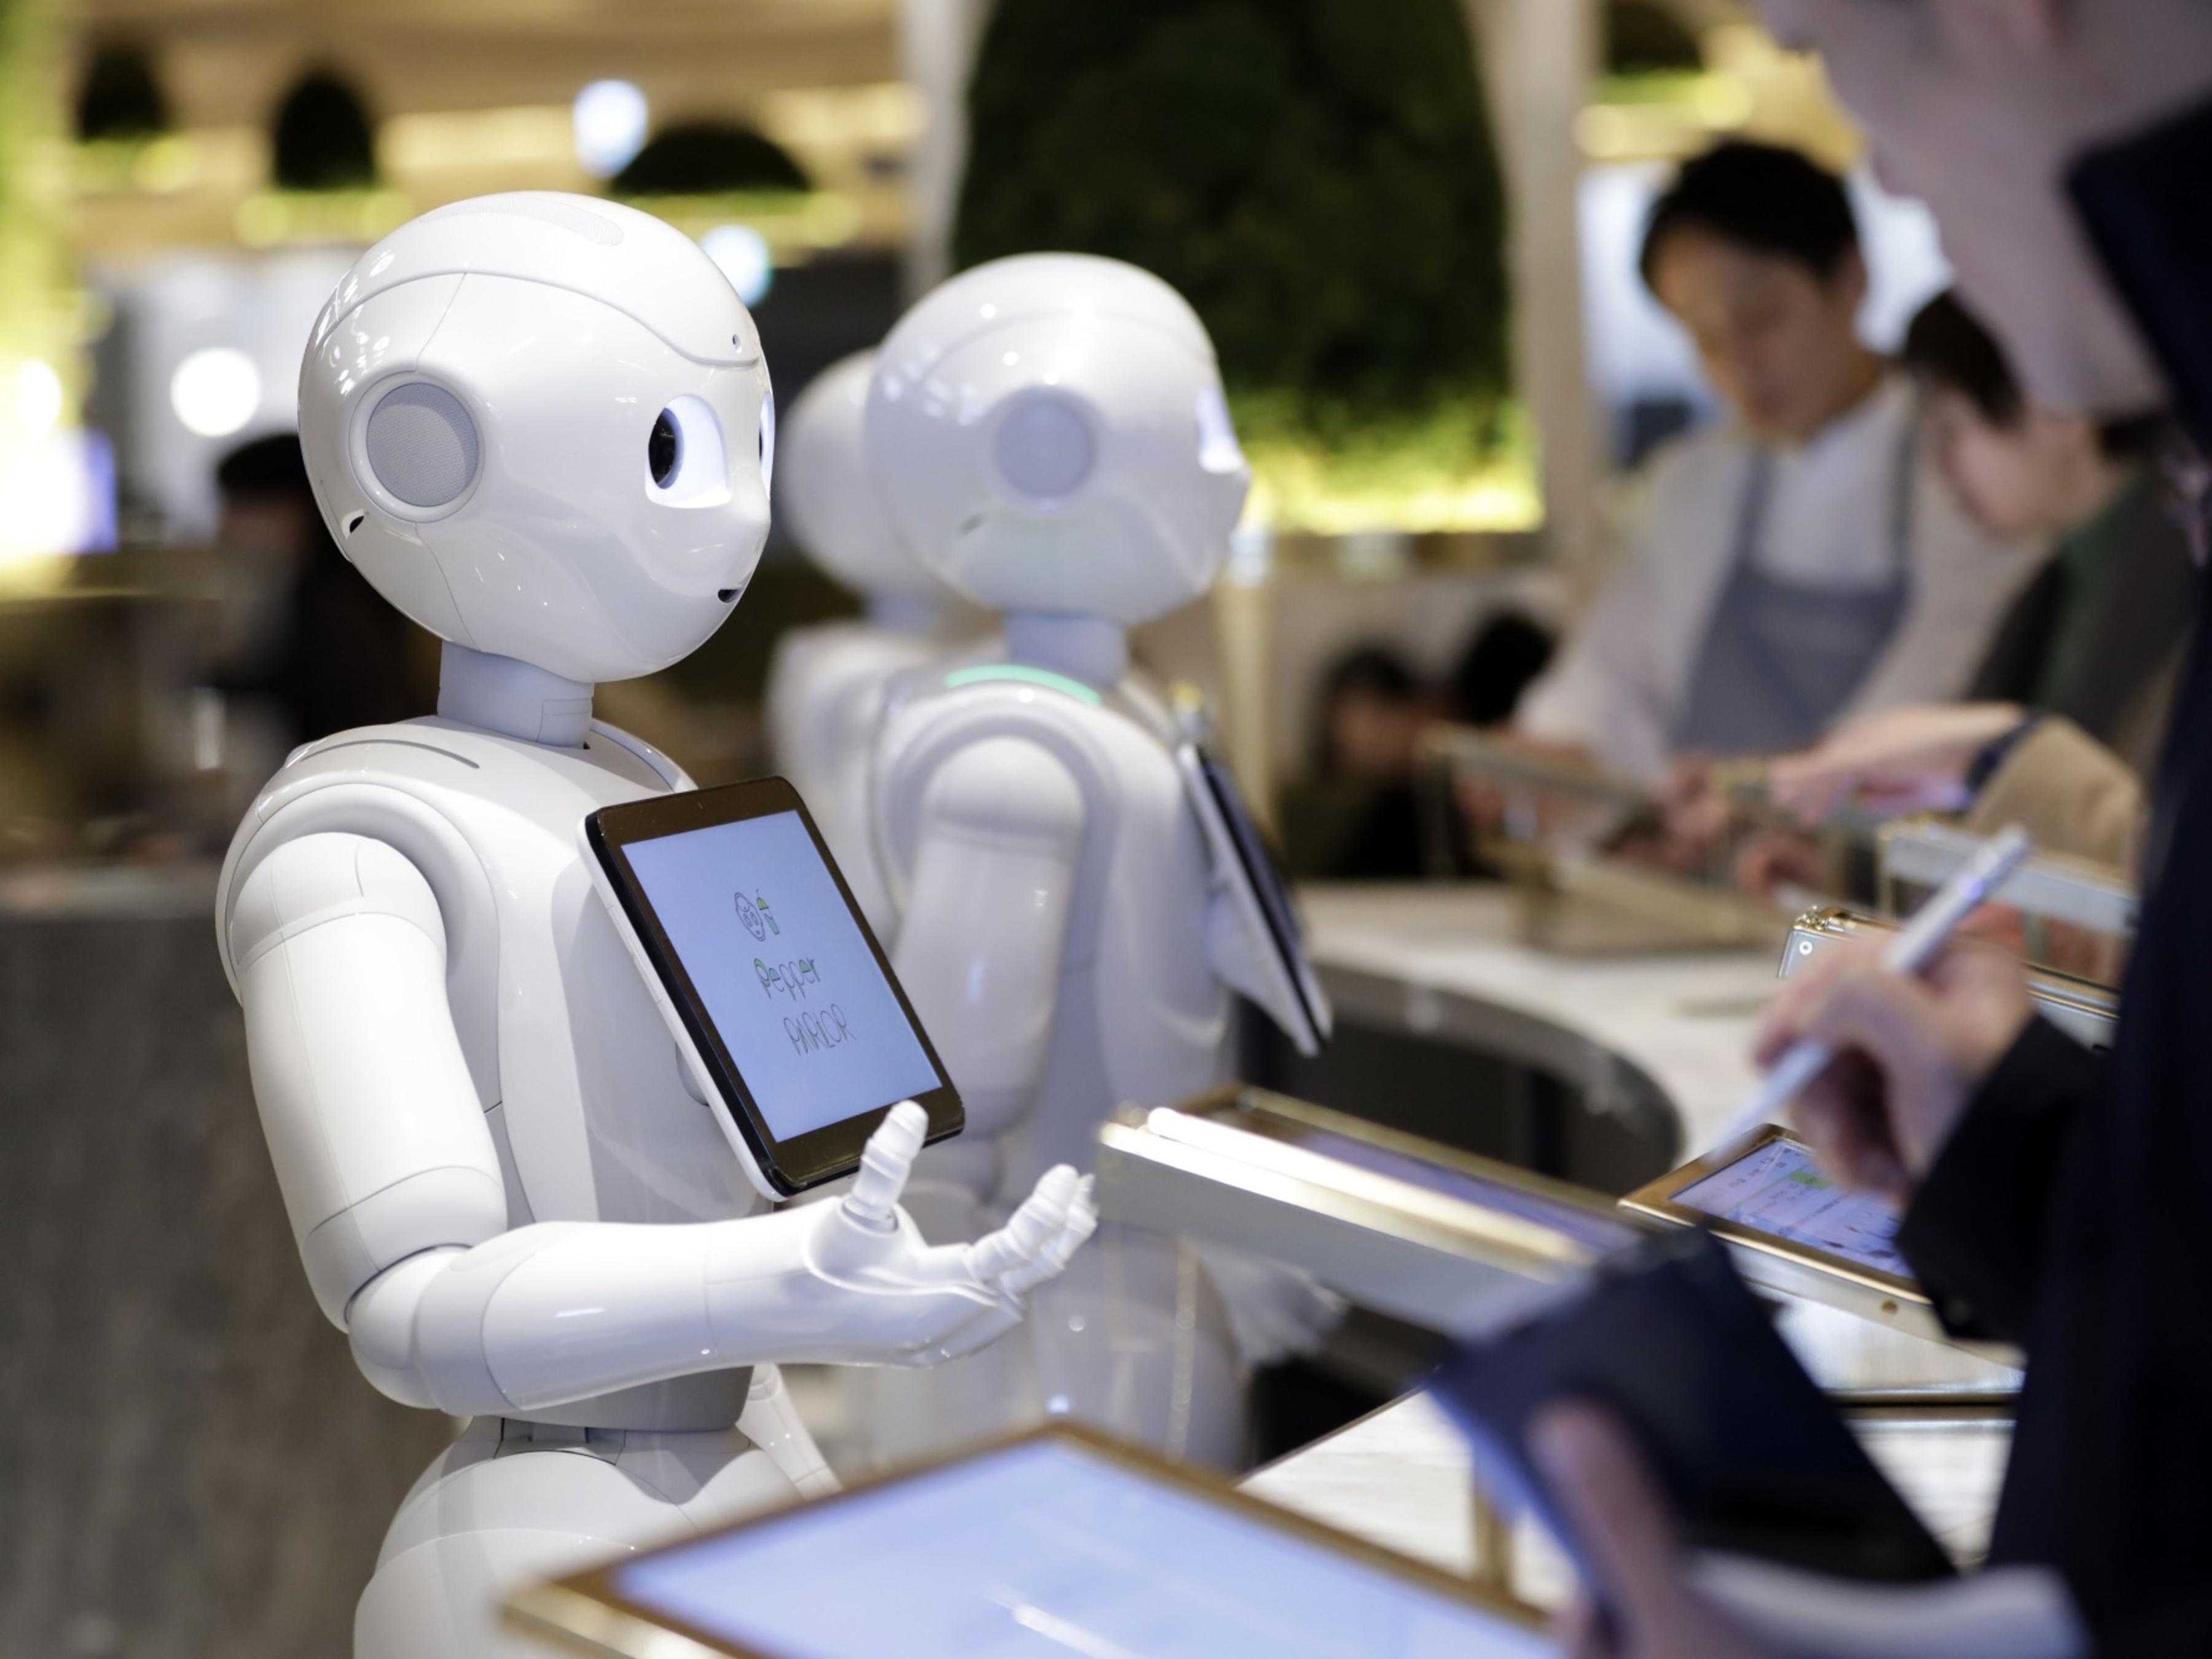 1223 automationshedhumanworkers